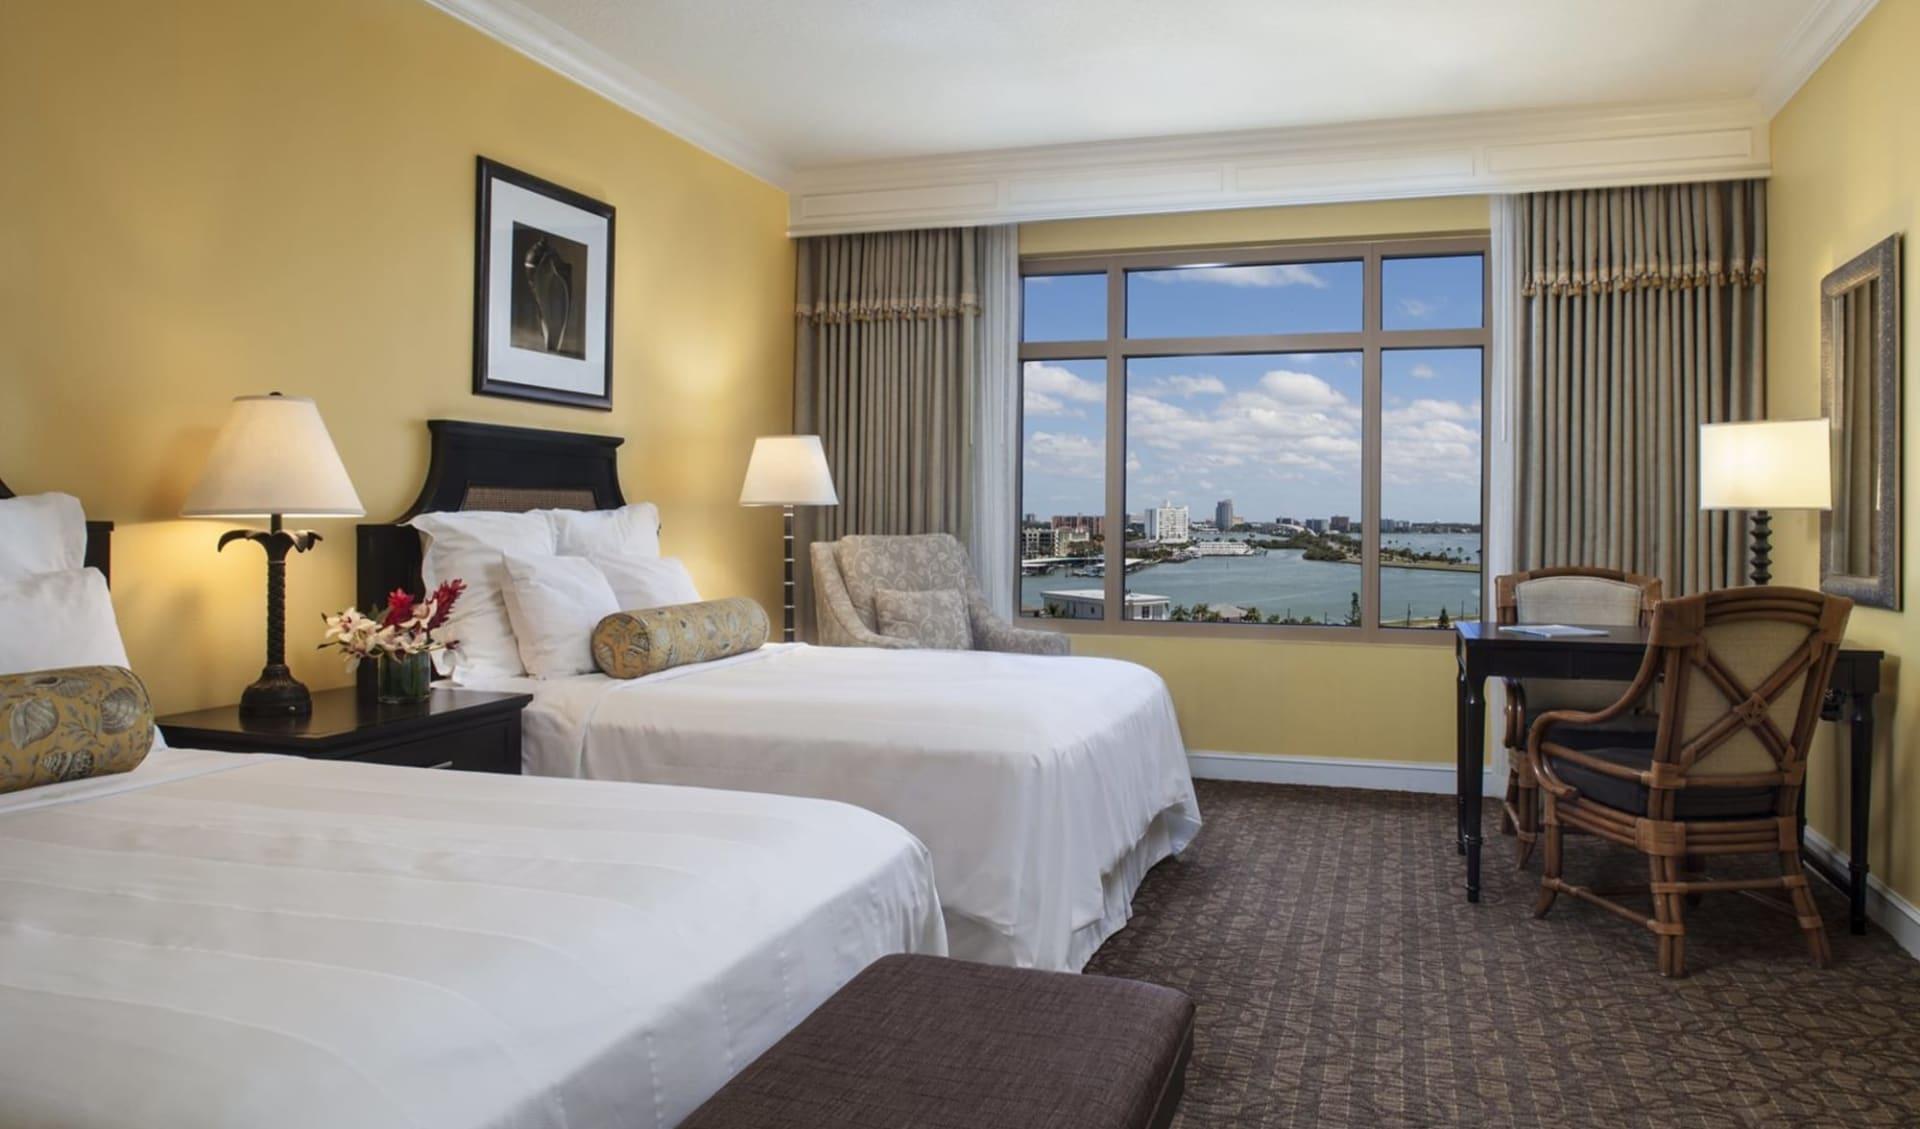 Sandpearl Resort in Clearwater Beach:  Sandpearl Resort_City View_HOTELWEBSITE